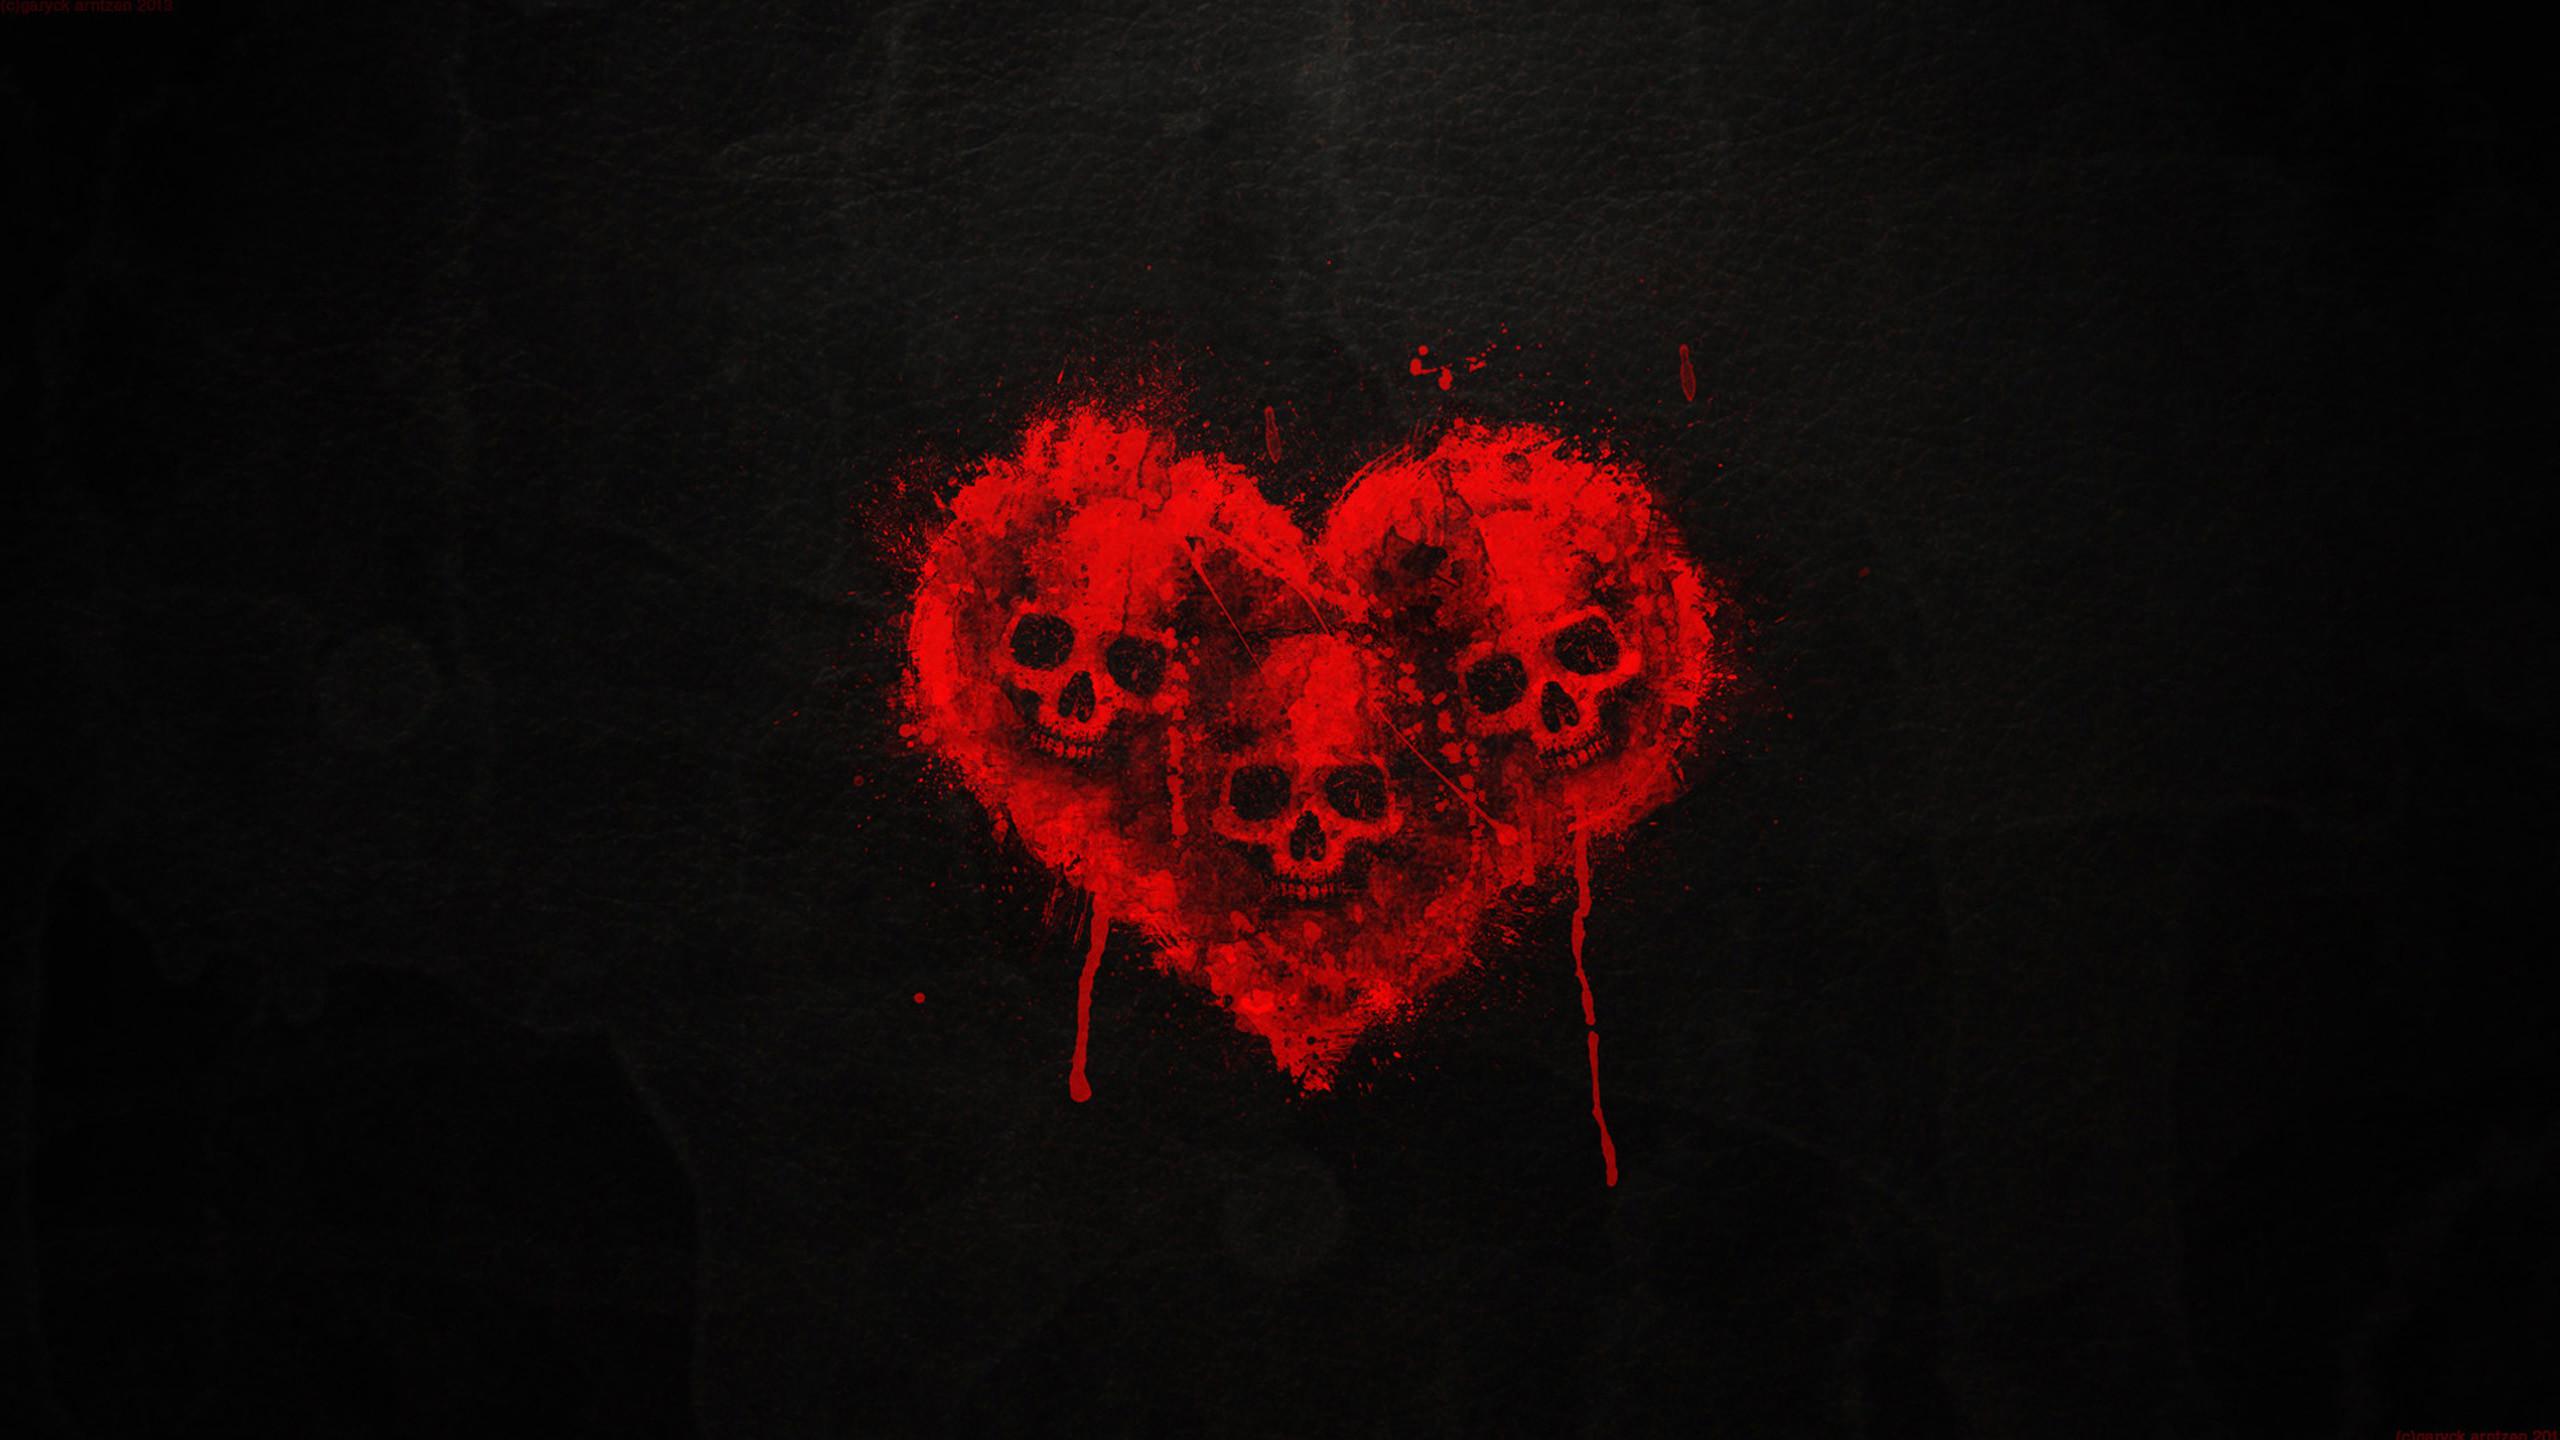 Red Skull Wallpaper 59 Images